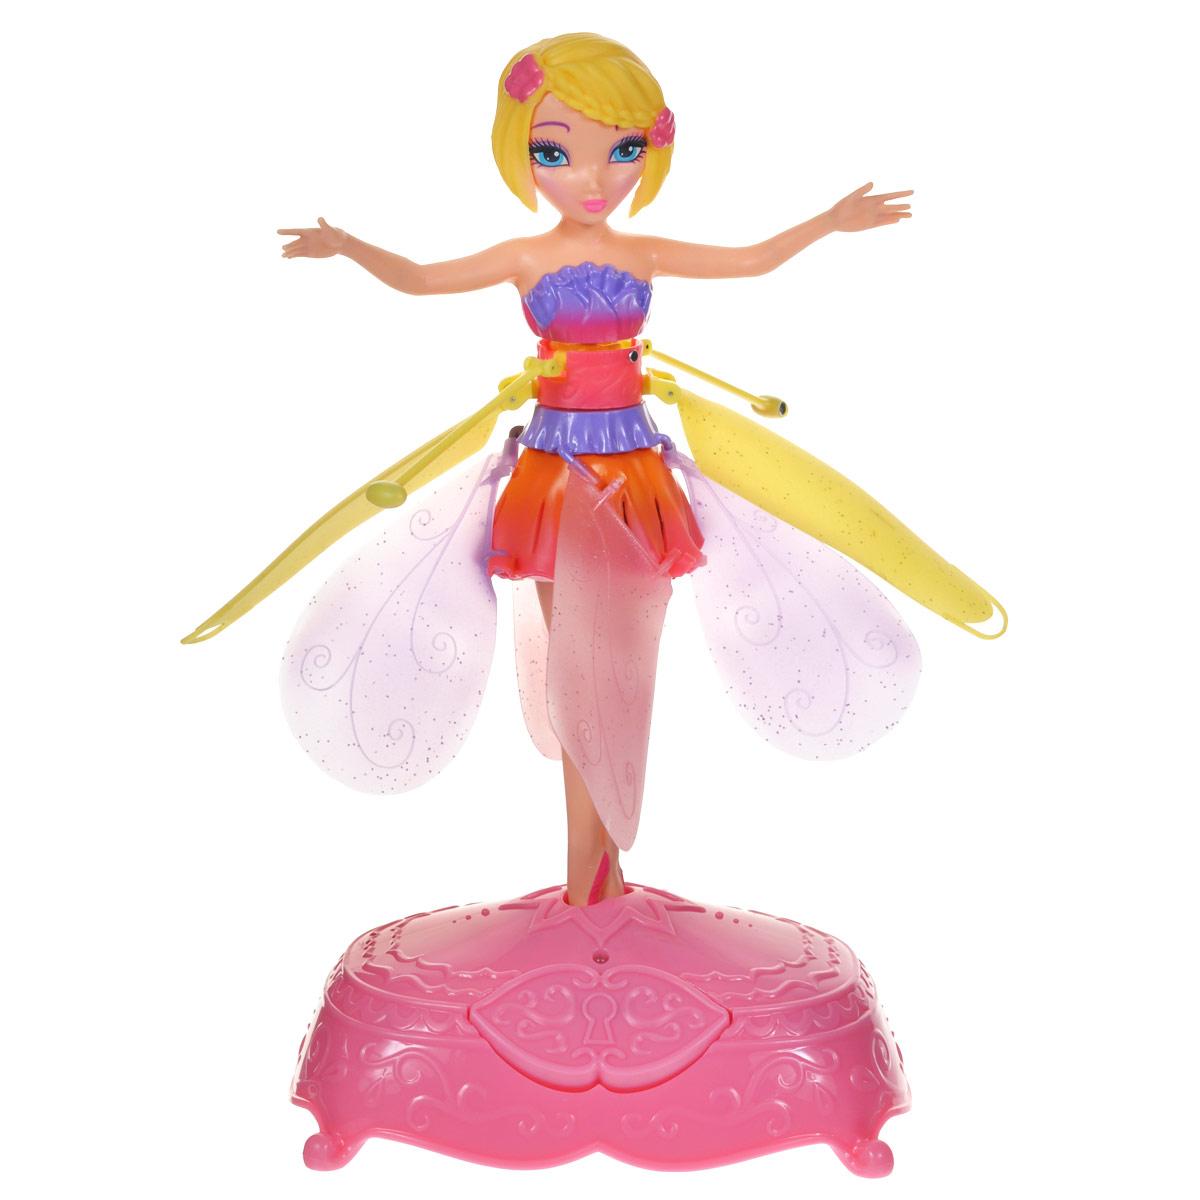 Flying Fairy Мини-кукла Фея парящая в воздухе цвет желтый оранжевый розовый35800_0035_20064914Кукла Flying Fairy Фея приведет в восторг вашу малышку, ведь это фея, которая действительно летает! Куколка, выполненная из пластика, представляет собой милую фею, одетую в платье нежных оттенков. В комплект с куколкой входит специальная подставка для нее. Стоит поставить на нее фею и нажать на кнопку, как кукла взлетит. Можно просто наблюдать за ее полетом или управлять им с помощью рук. Порадуйте свою малышку таким волшебным подарком! Необходимо докупить 6 батареек напряжением 1,5V типа АА (не входят в комплект).